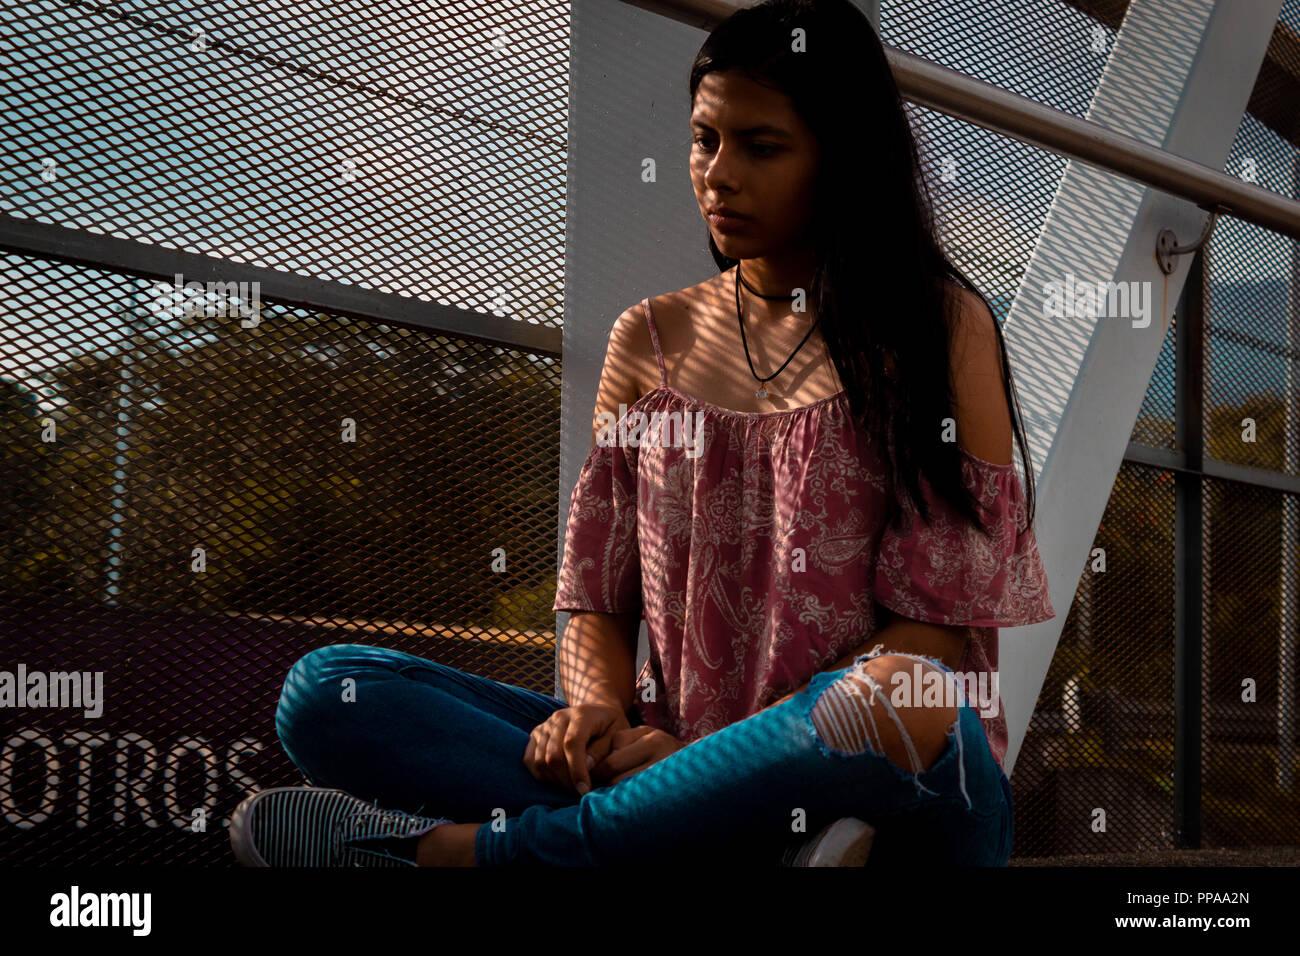 Fotografias naturales de mujer embarazada y joven modelo en área de parque soleado y natural Imagen De Stock